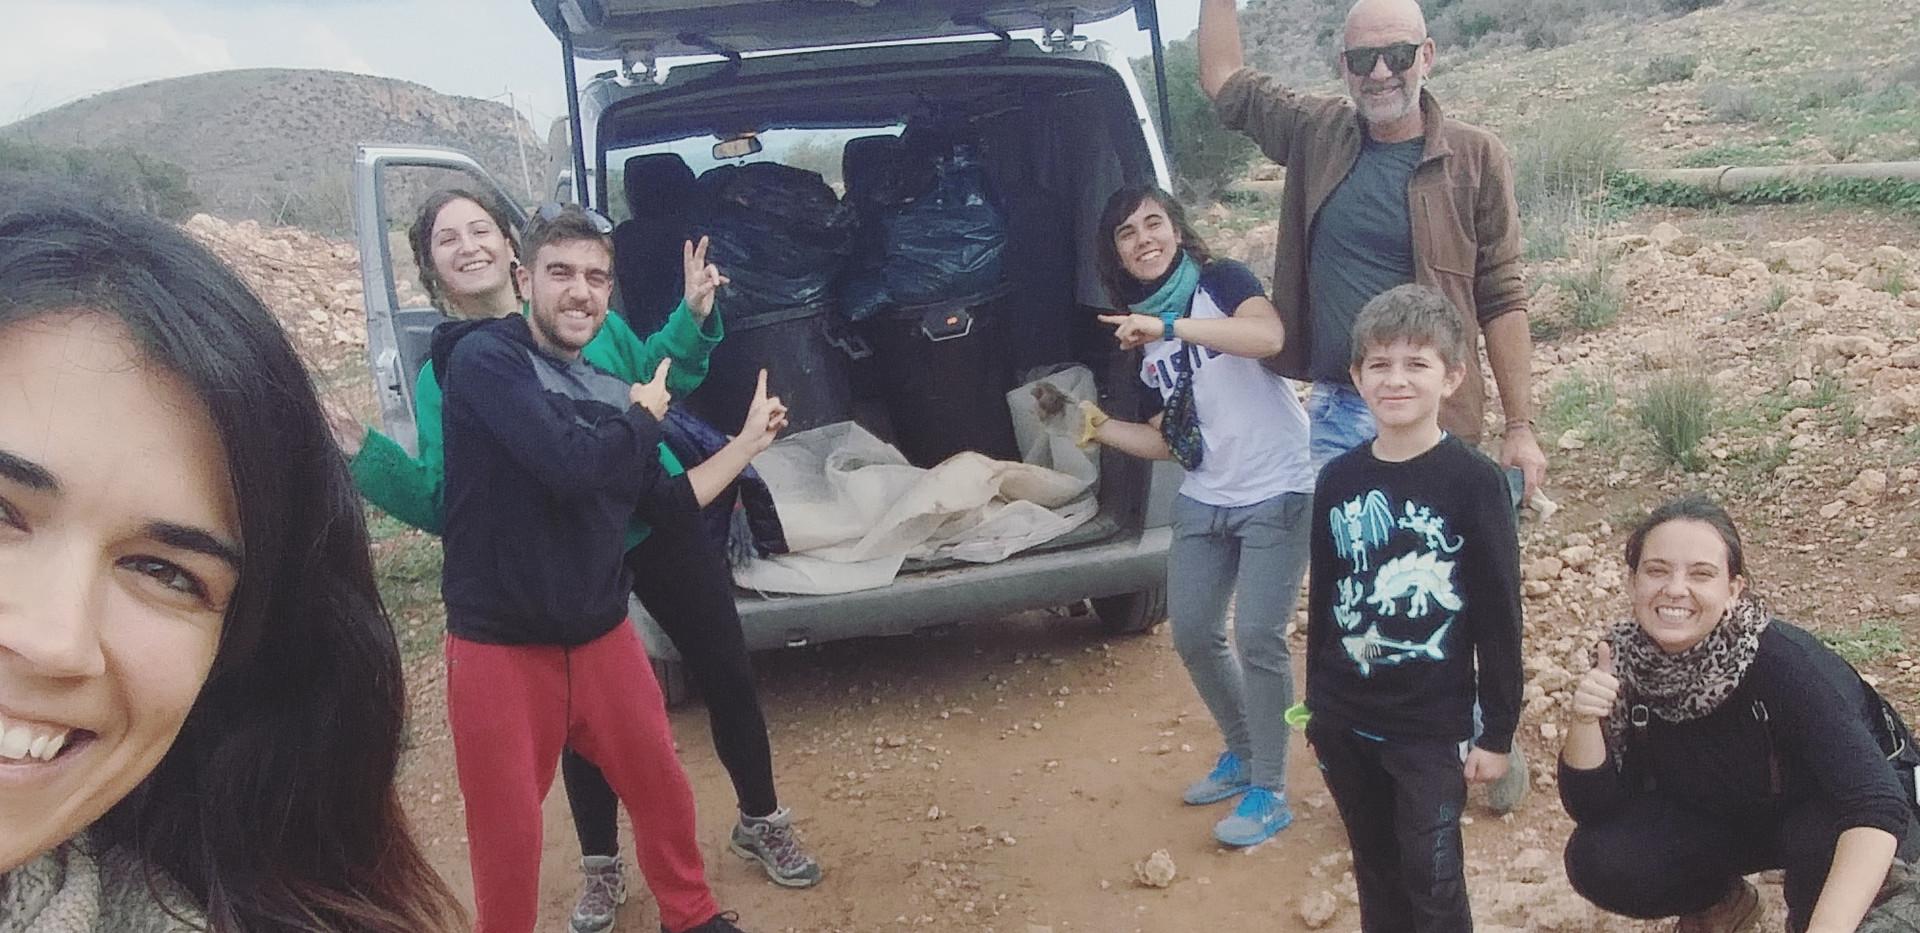 Equipo limpieza de alrededores(Wisa, Rafa, Laura, Orli, María, Adri y Belén)